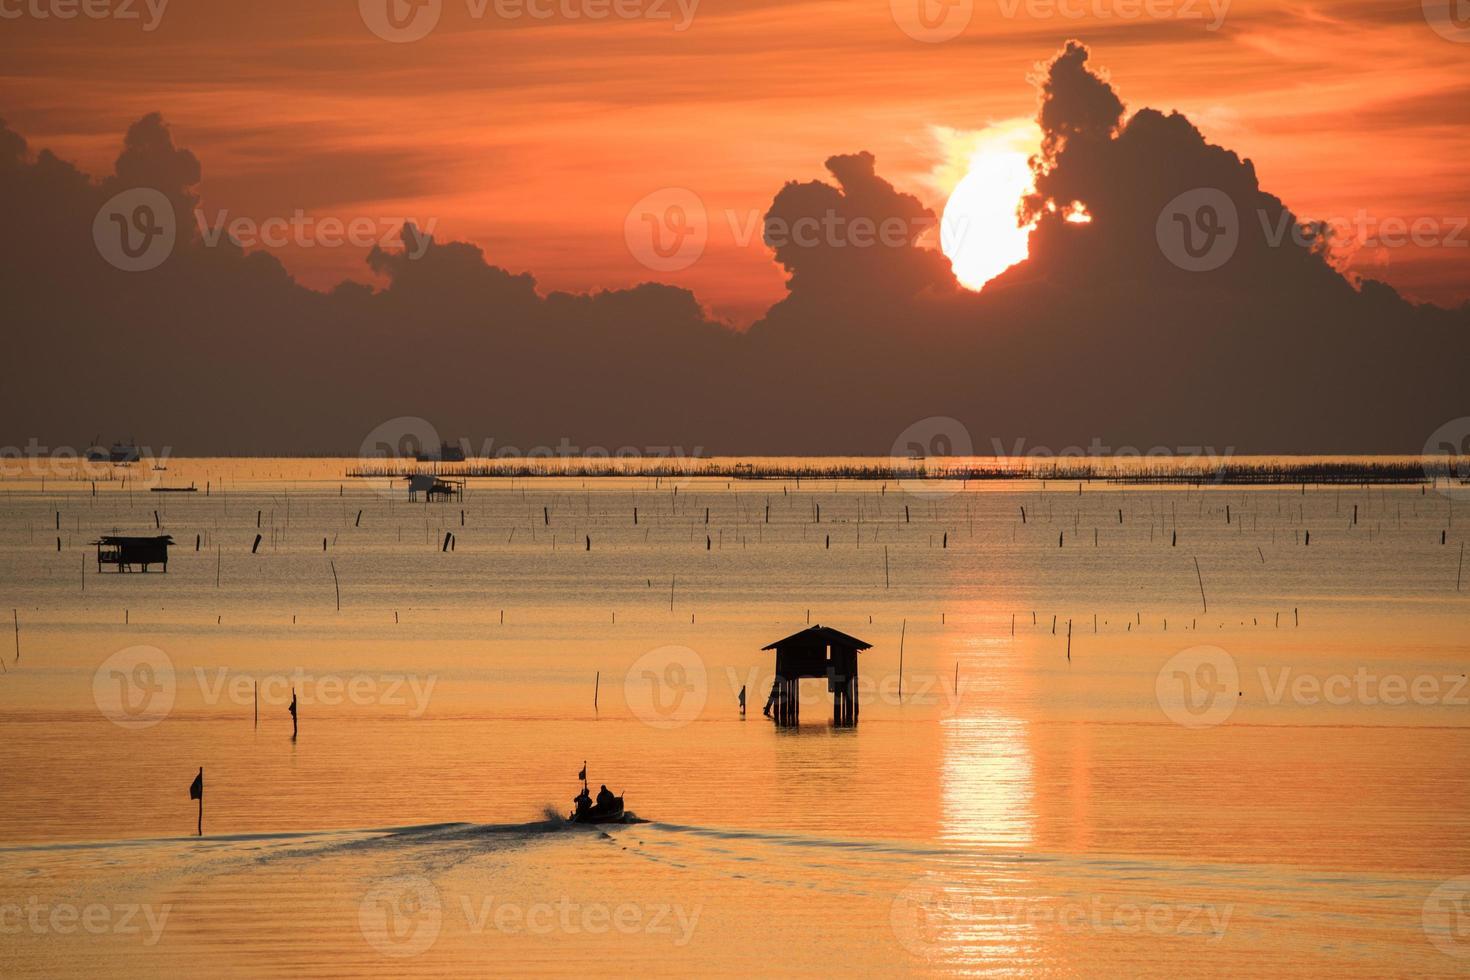 cabañas flotantes en el agua al atardecer foto